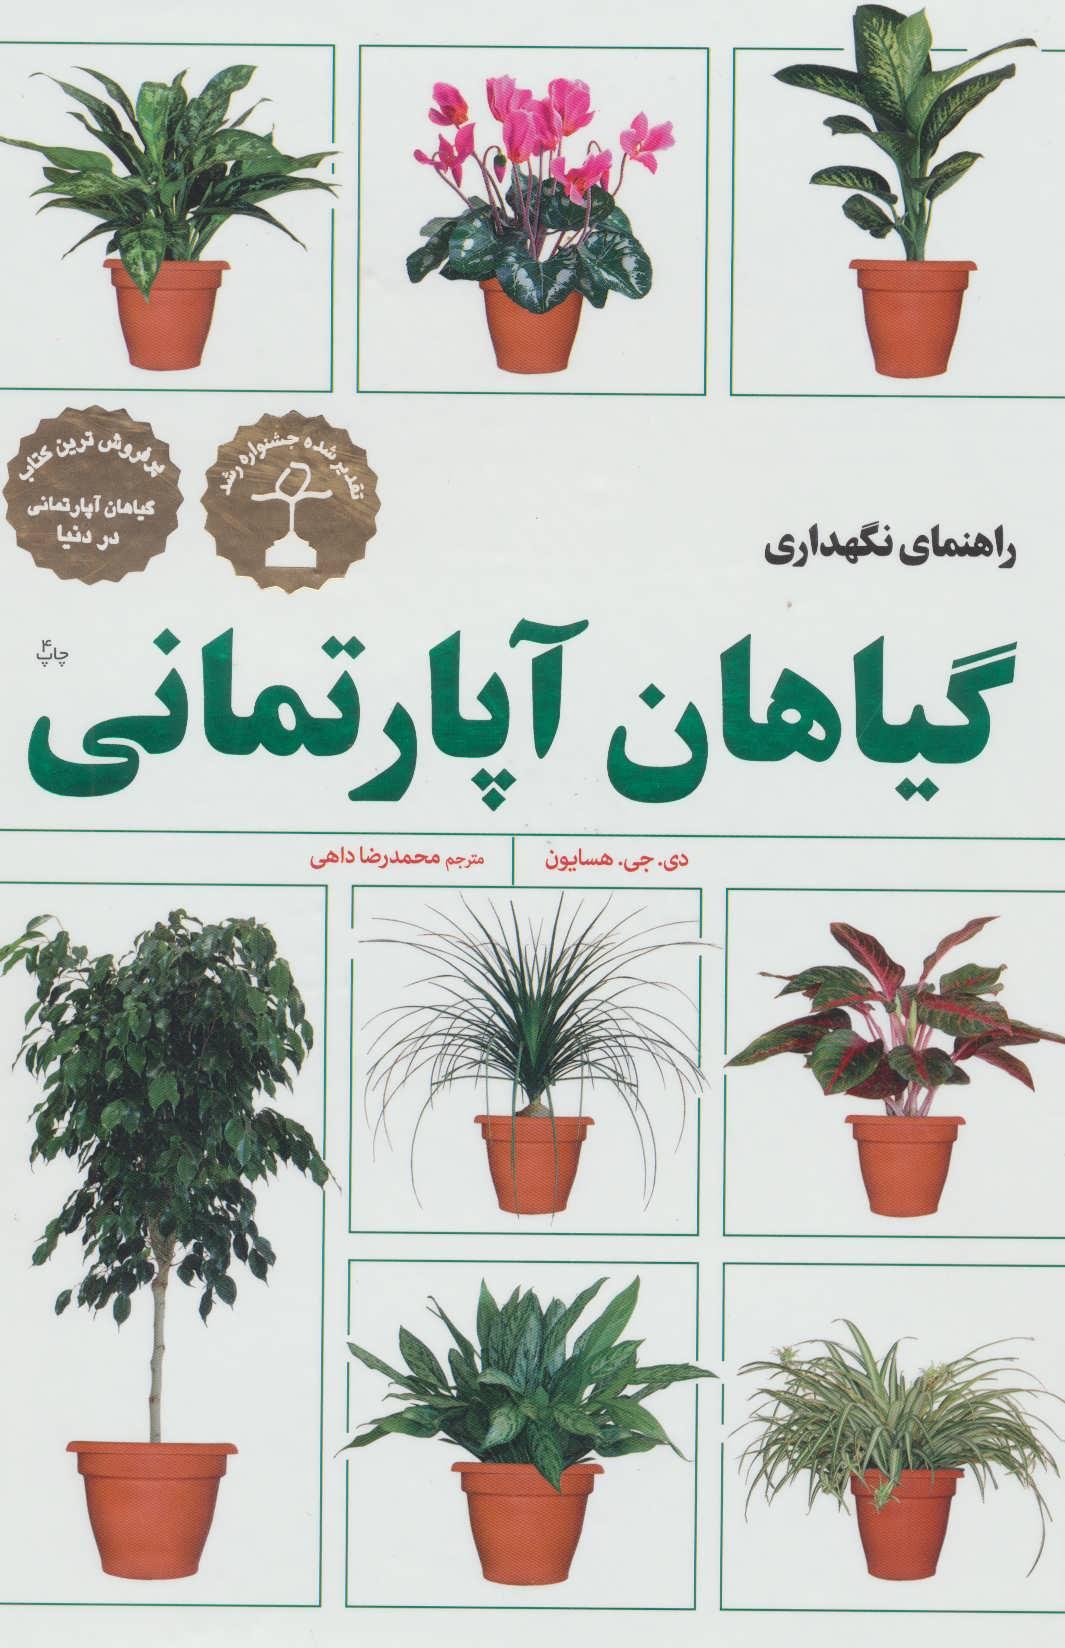 راهنمای نگهداری گیاهان آپارتمانی (گلاسه)